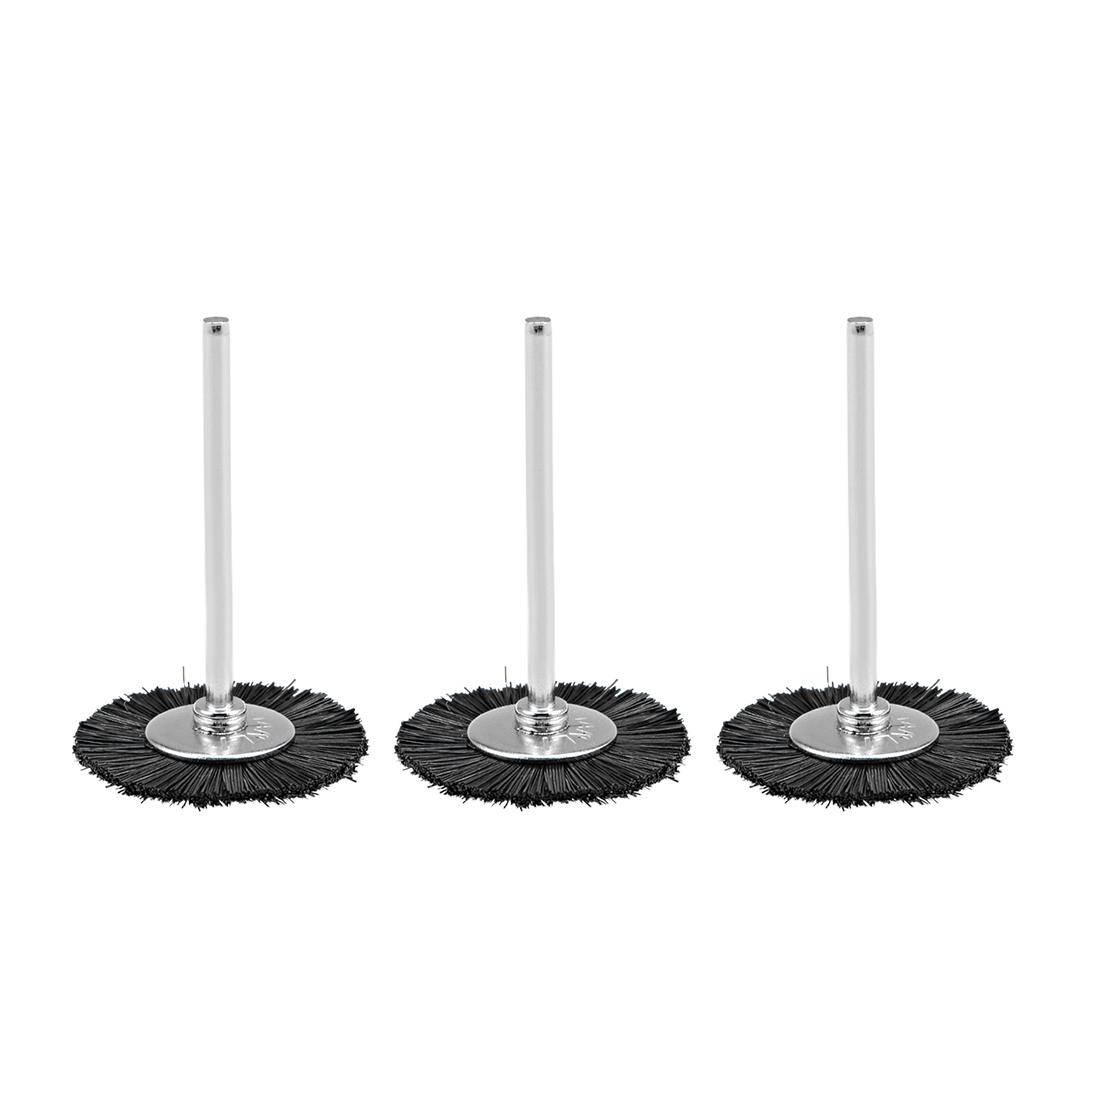 Mini Abrasive Wheel T Shape Nylon 25mm x 4mm with 2.35mm Arbor Black 3 Pcs